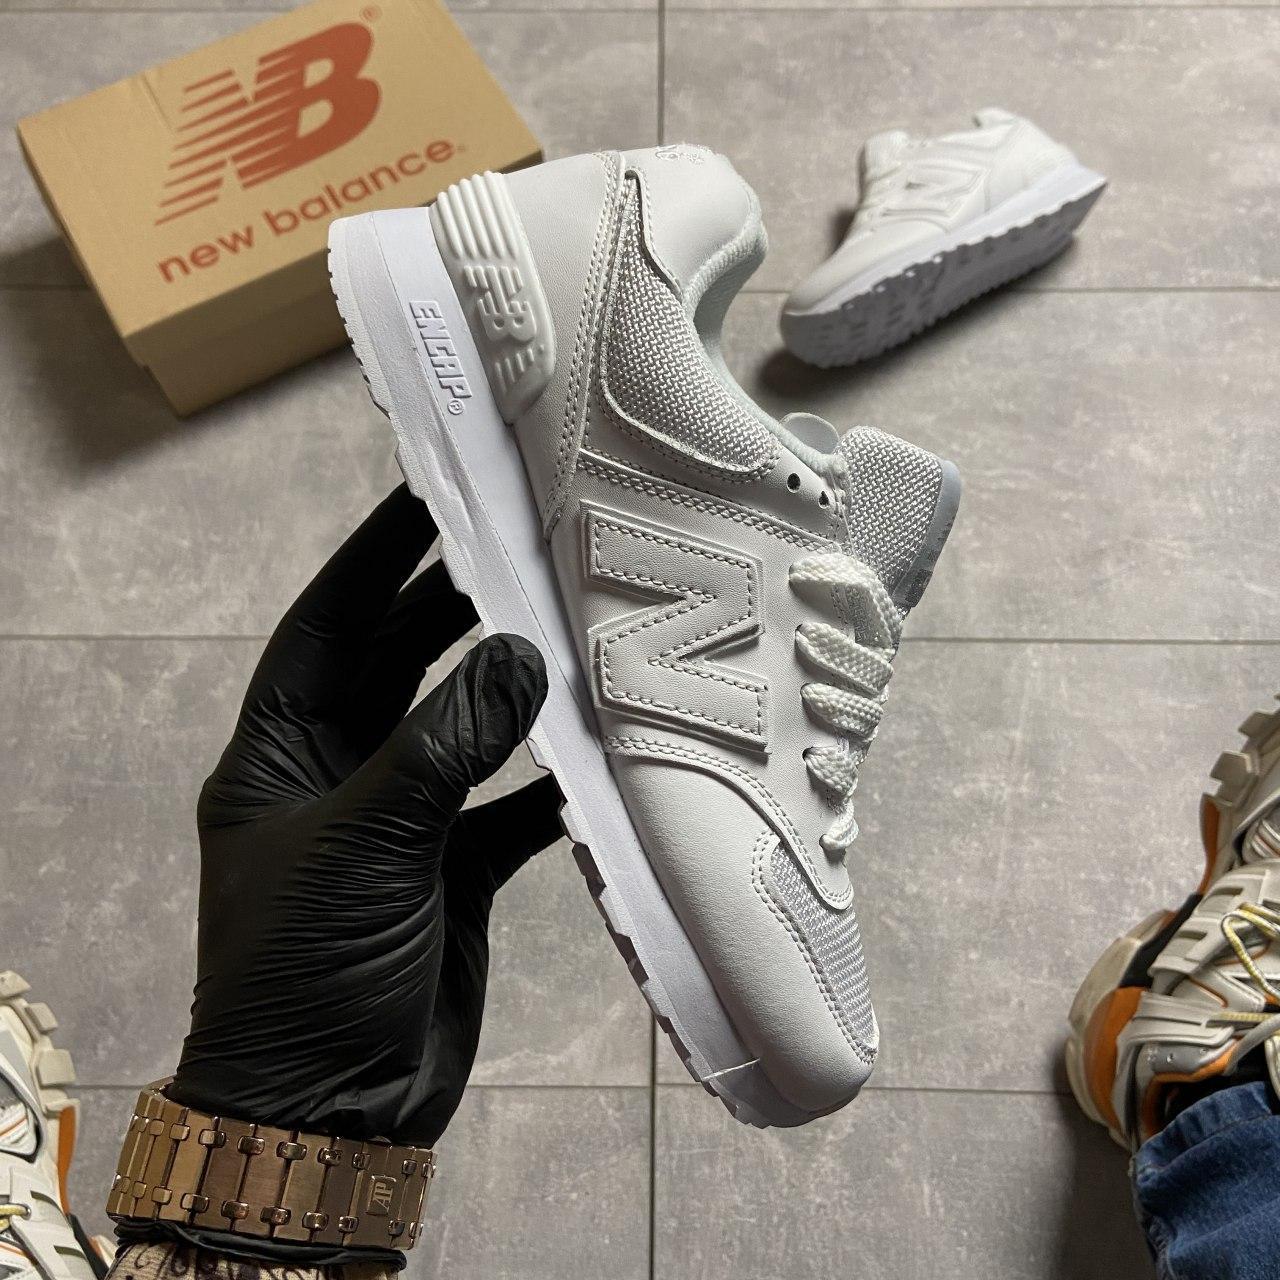 🔥 ВИДЕО ОБЗОР 🔥 Кроссовки New Balance 574 White Leather 🔥 Нью Бэланс 🔥 Нью Беленс мужские кроссовки🔥